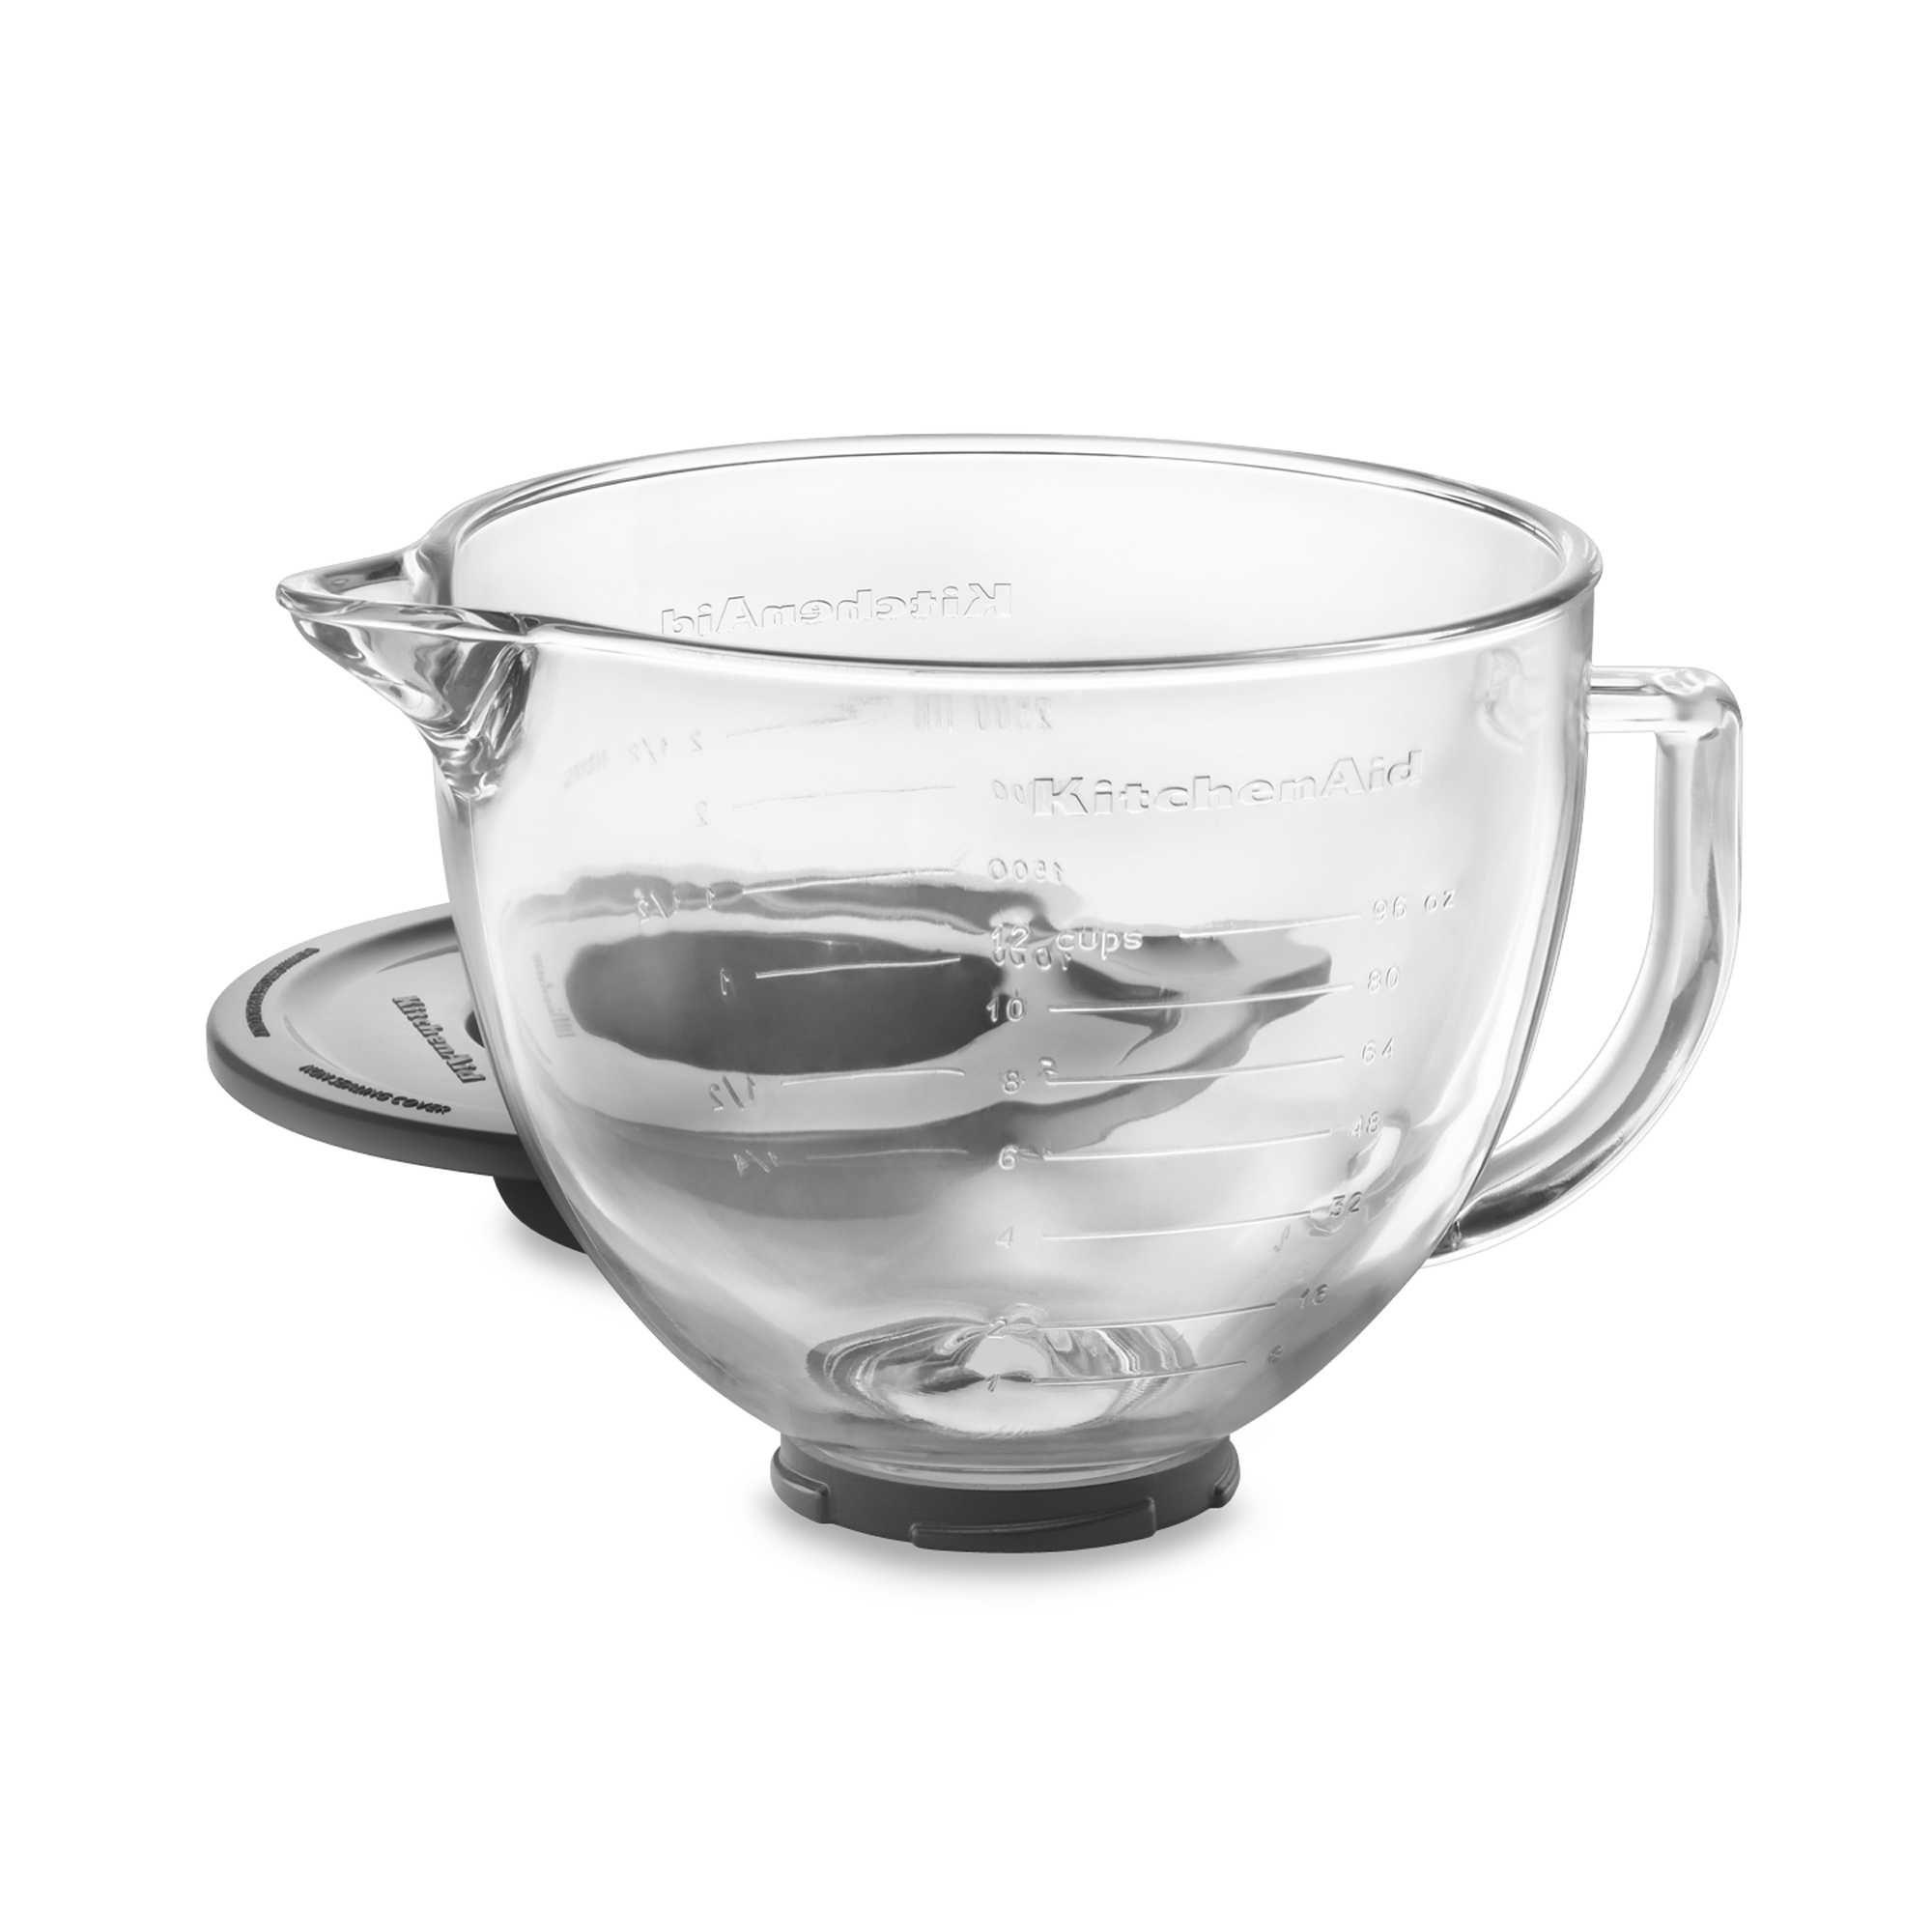 Invalid url kitchen aid kitchenaid glass bowl